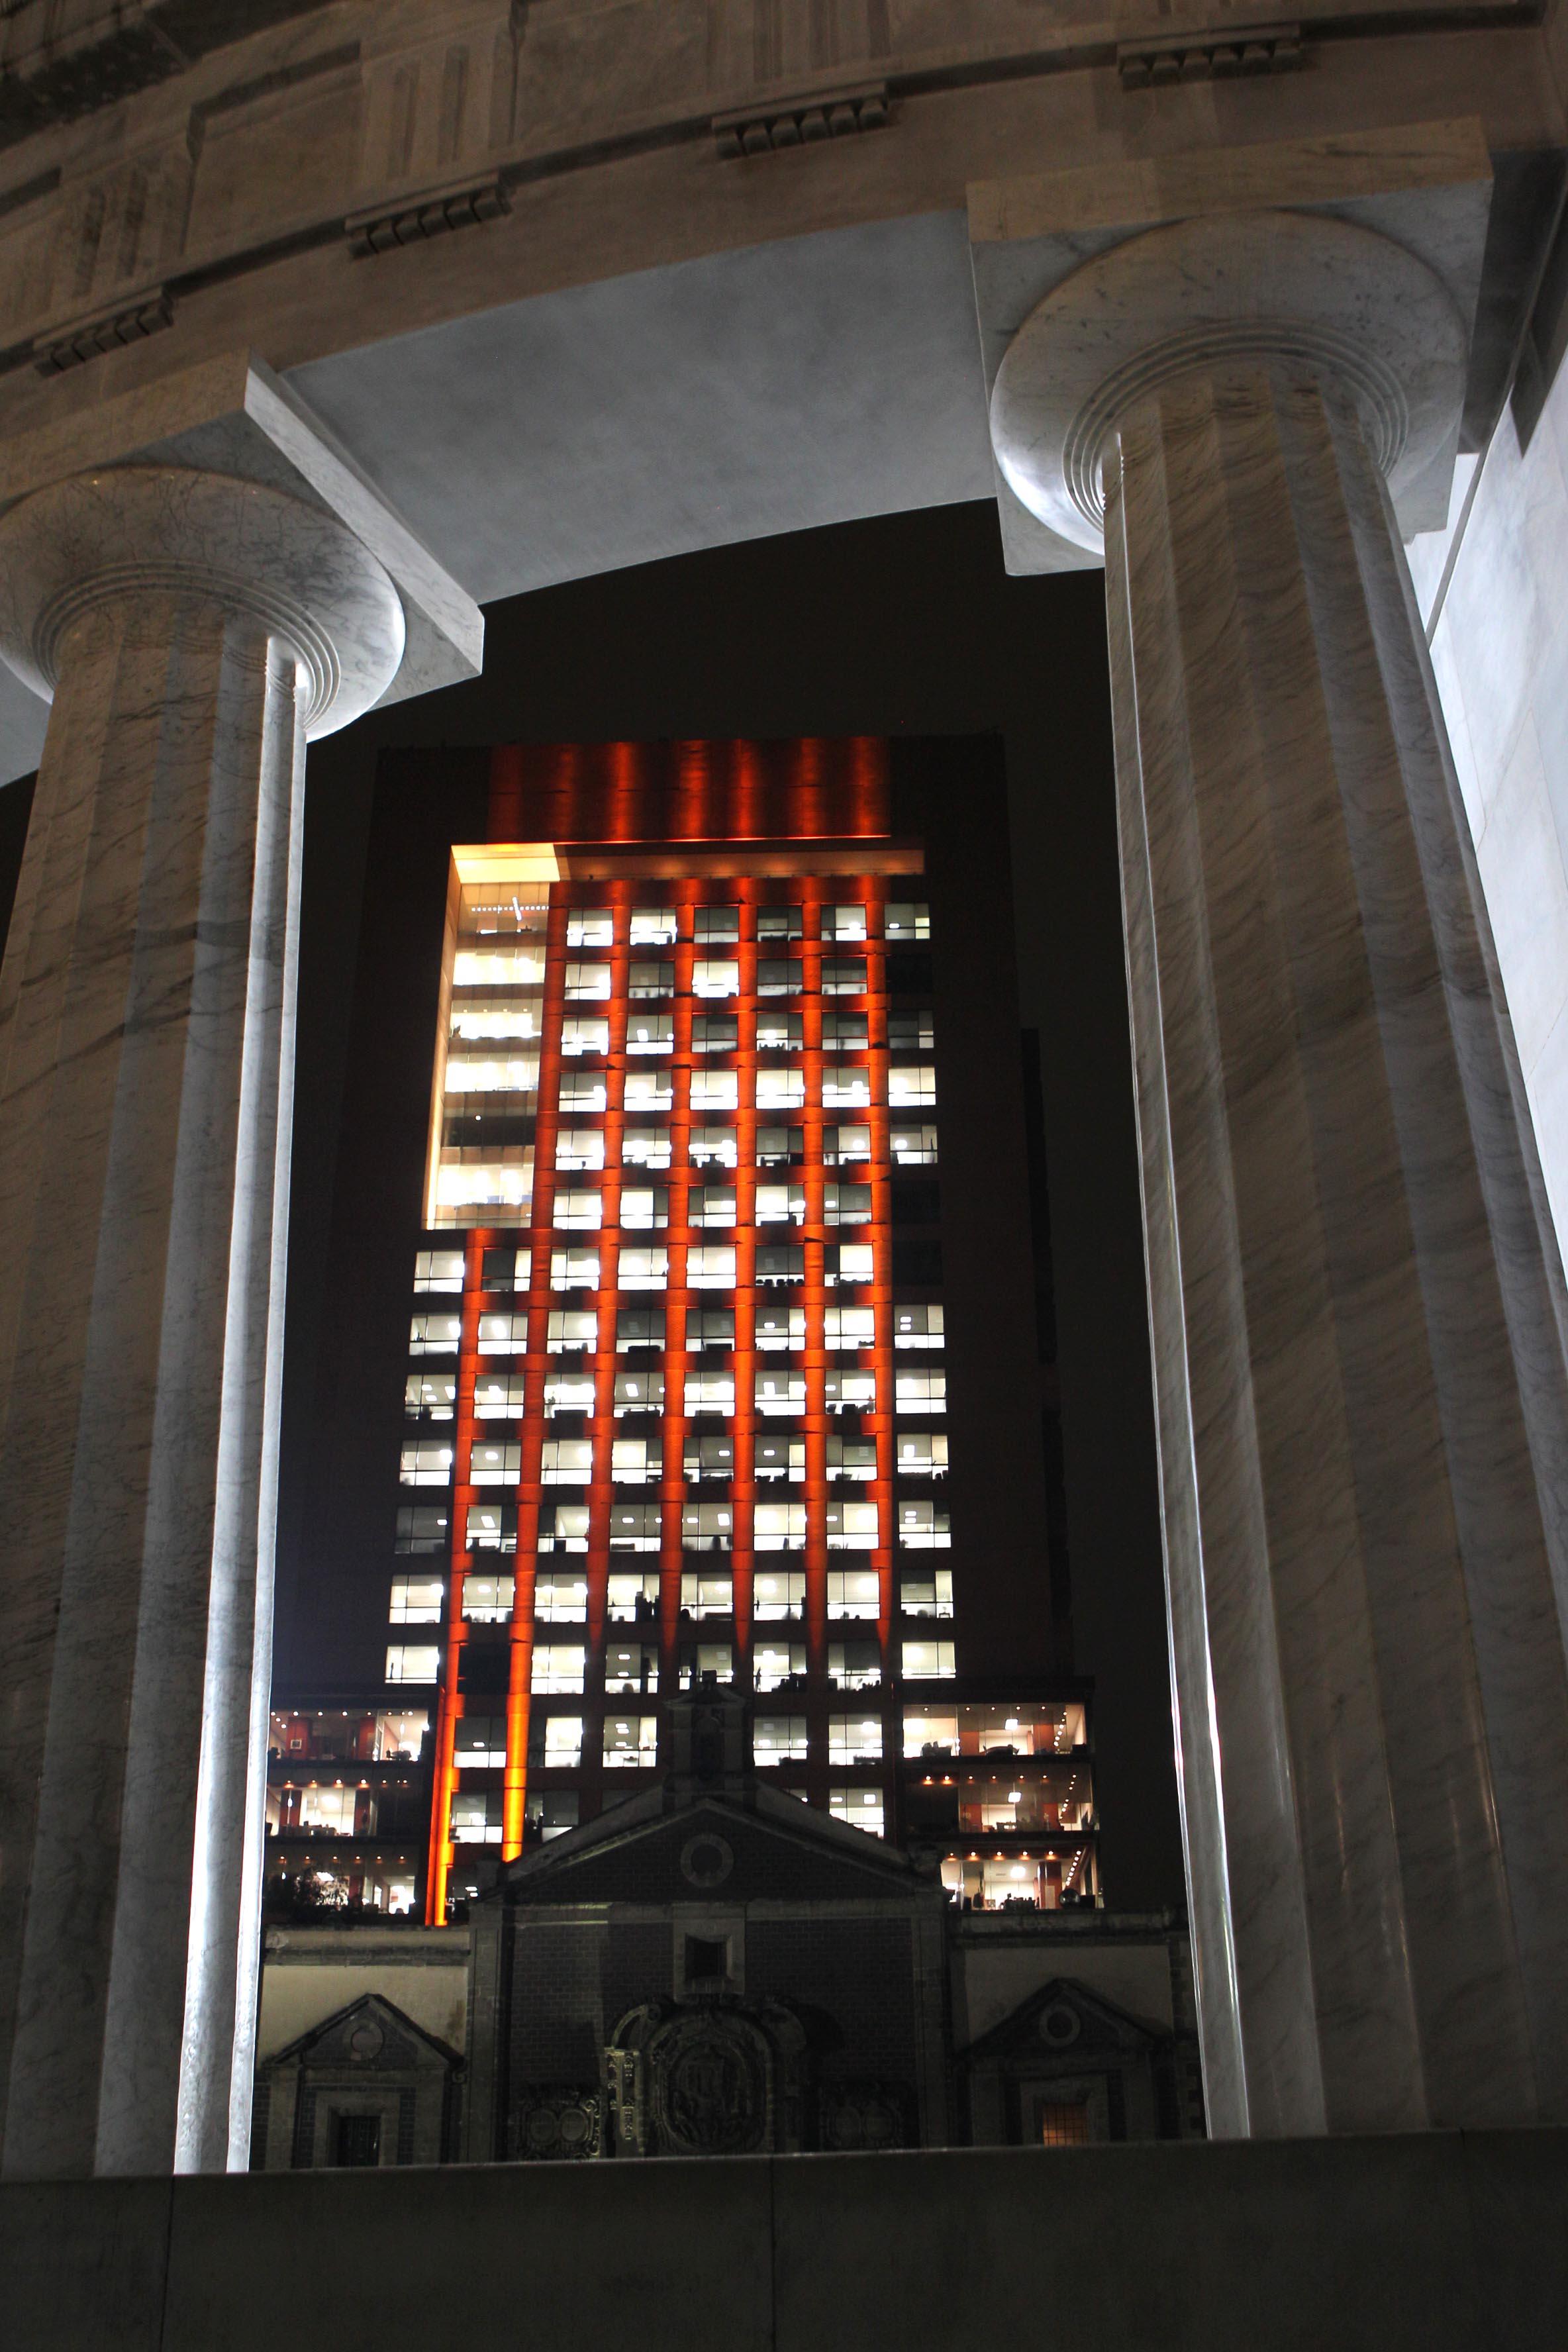 FOTO 3 Edificio de la SRE se ilumina de naranja  por el D a Internacional de la Eliminaci n de la Violencia Contra la Mujerjpg